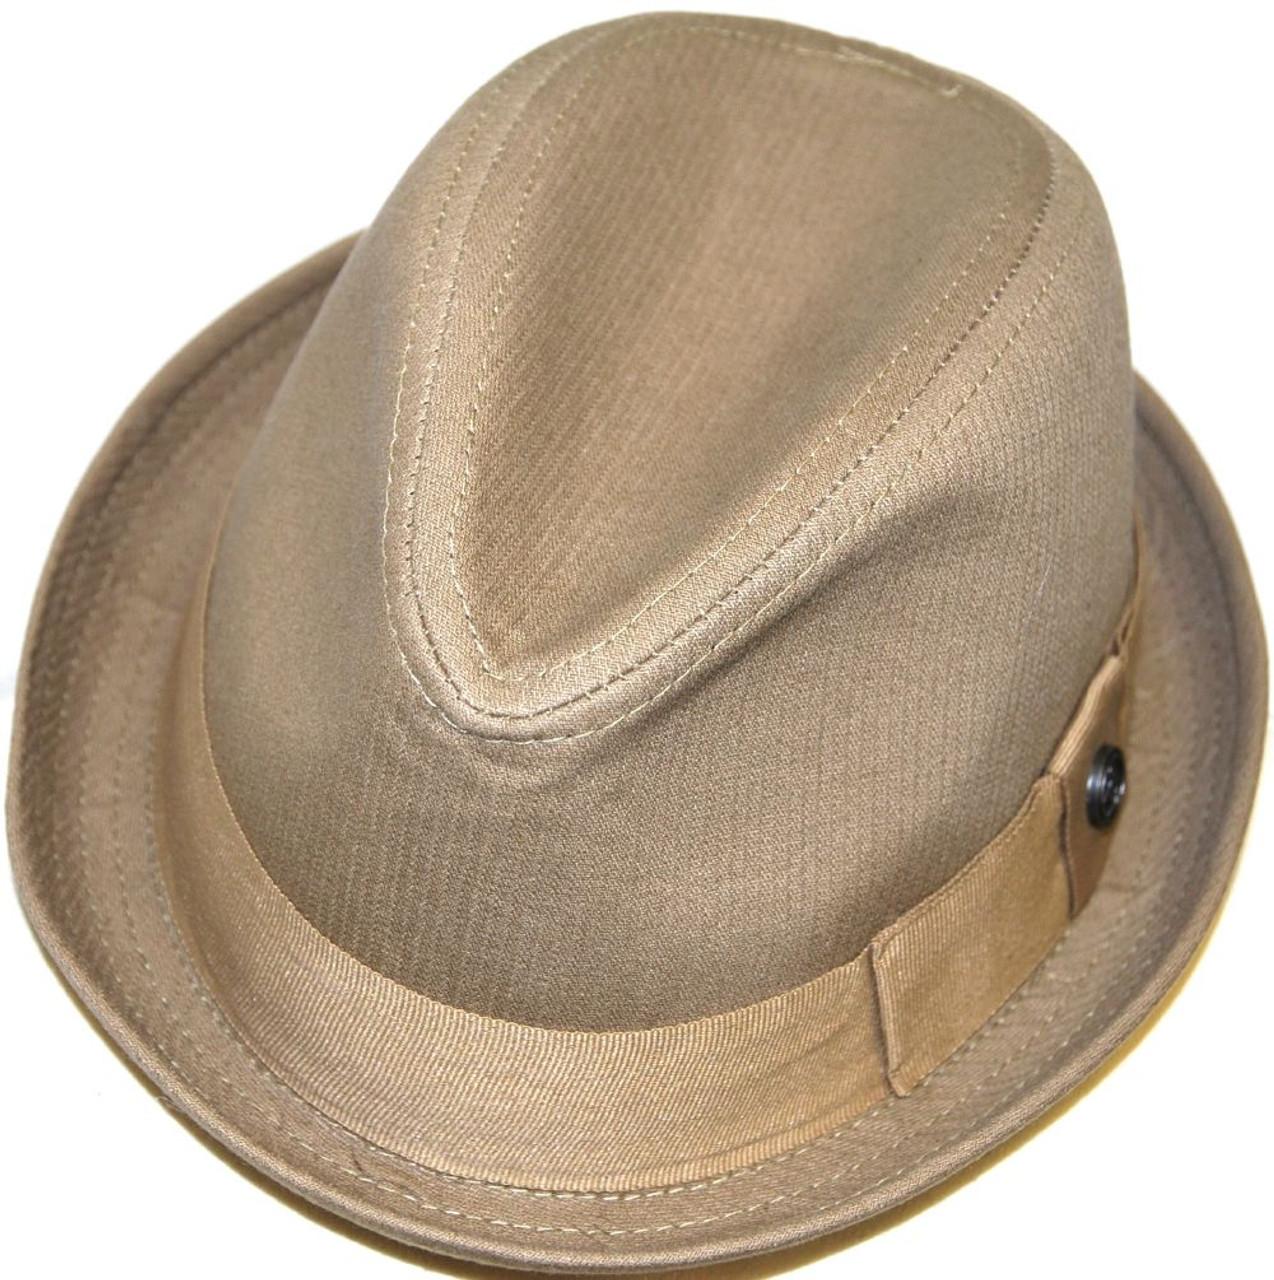 9361d90d4d2 Fedora Hat by Original Penguin by Munsingwear - Lindo Hat